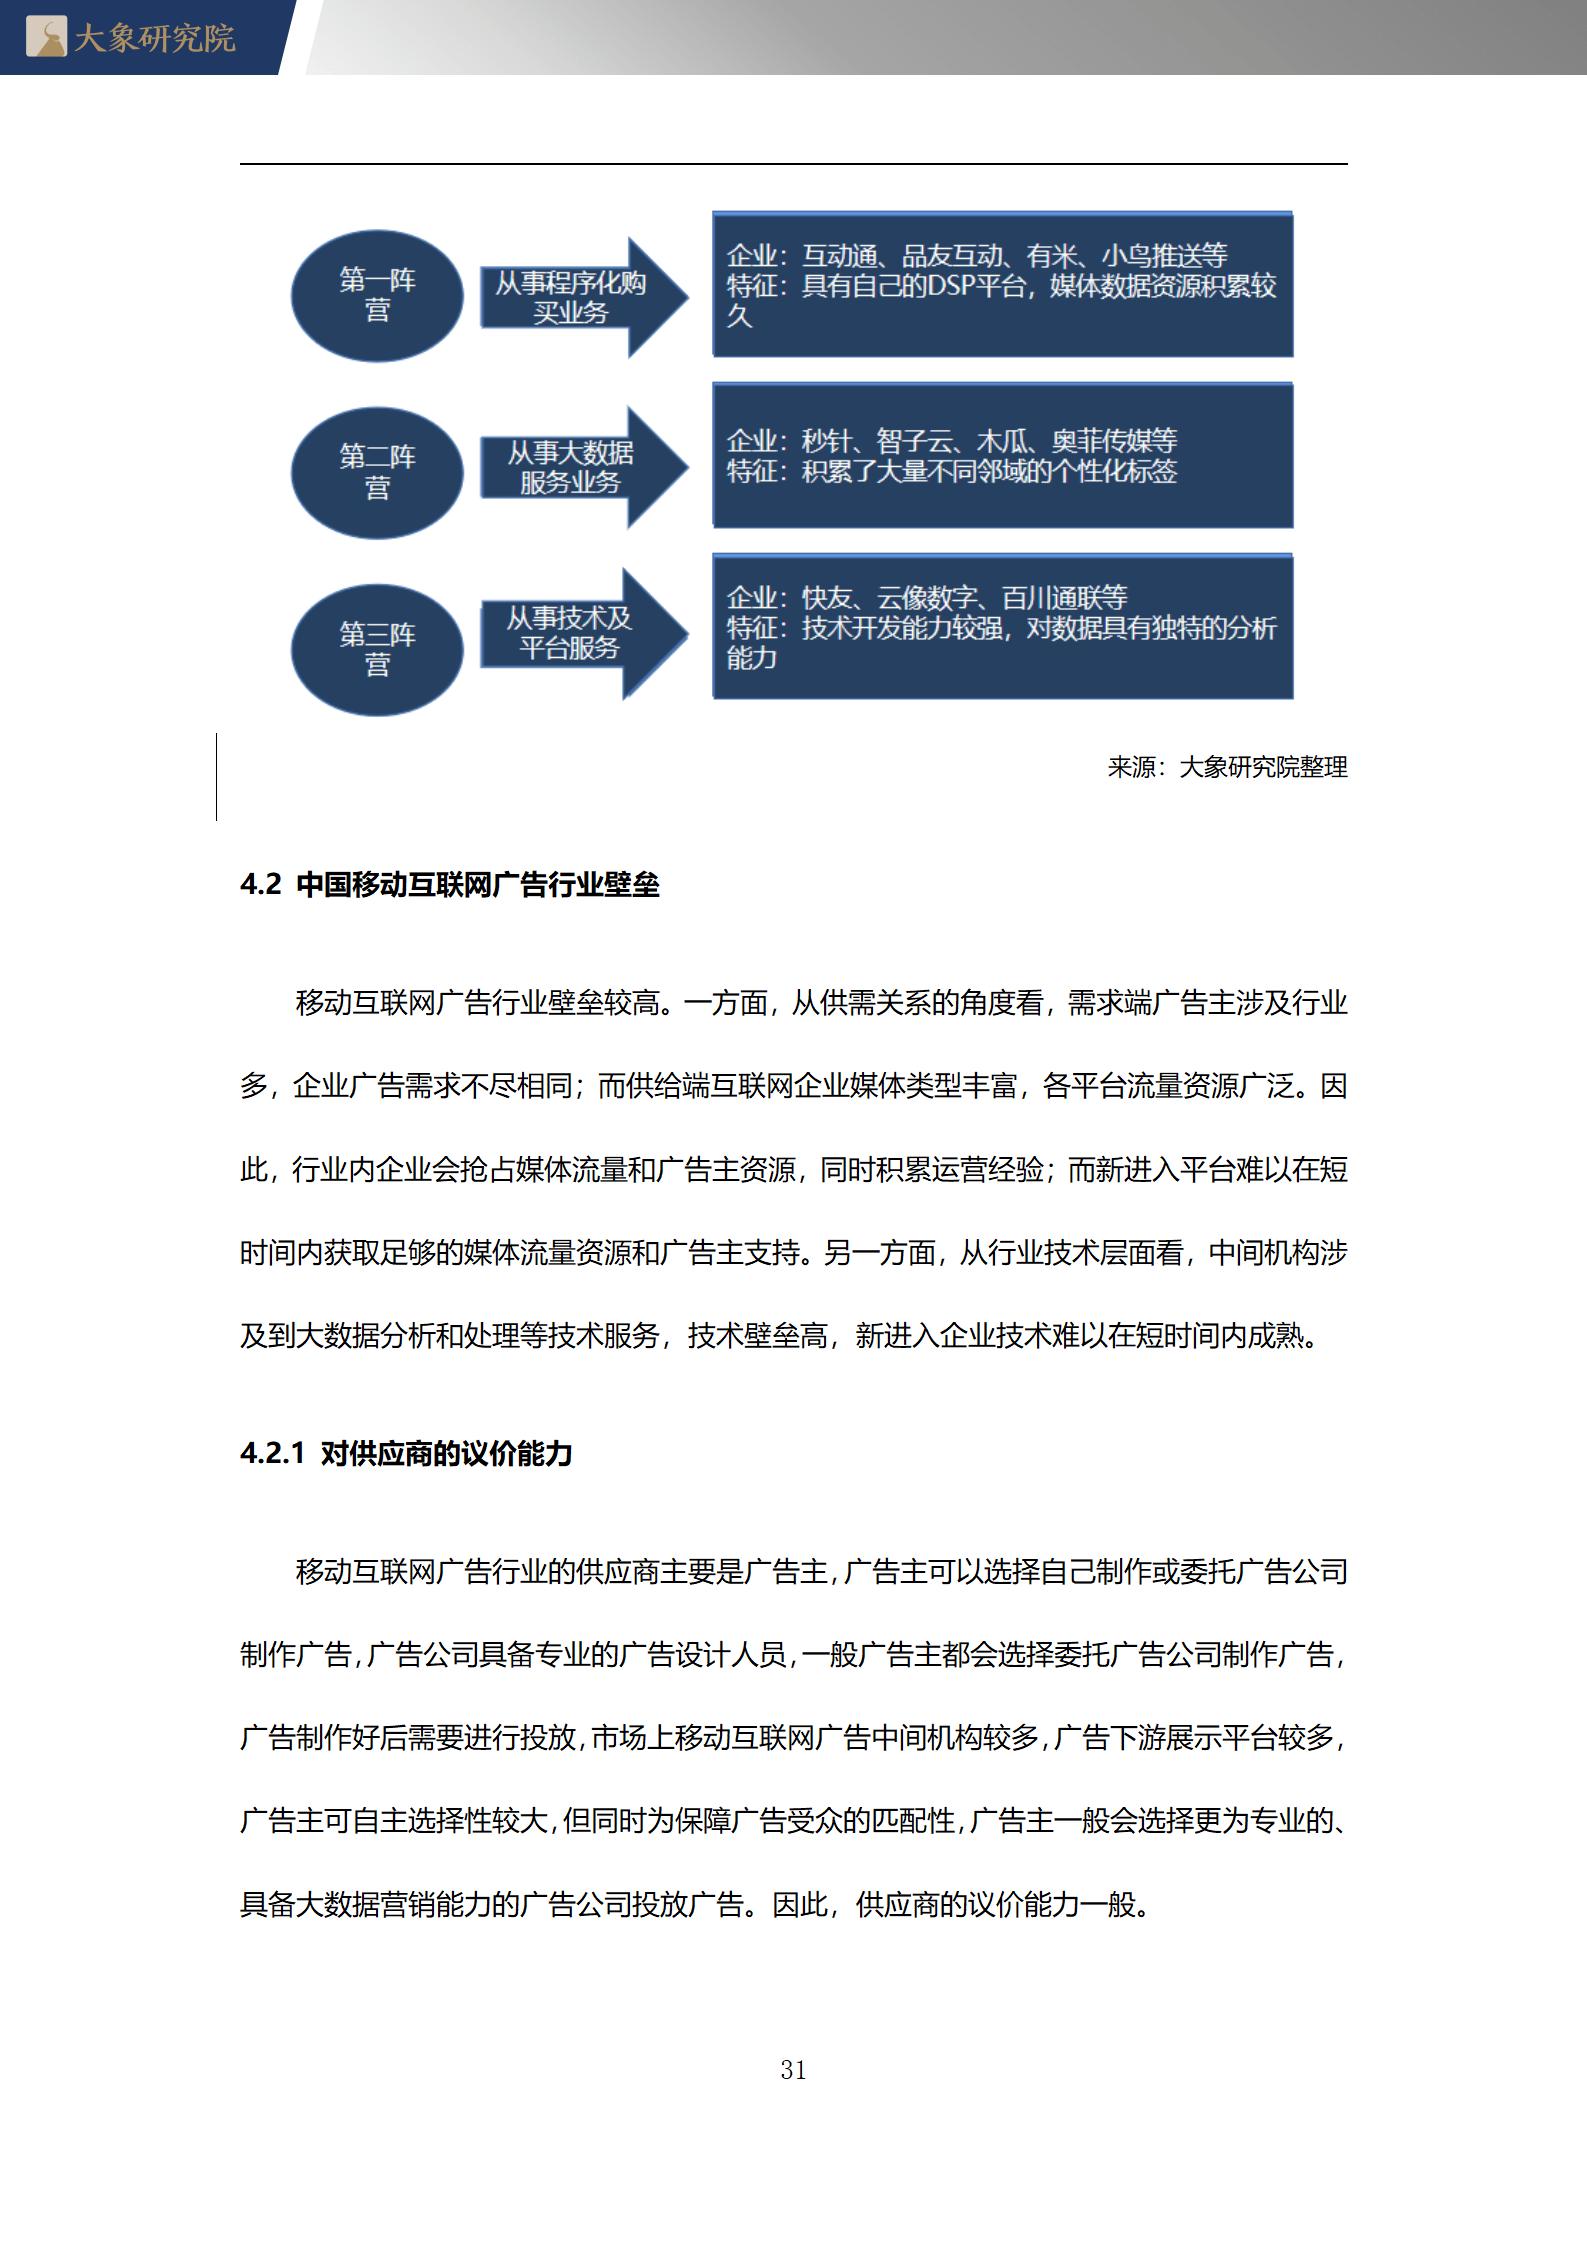 【大象研究院】2020年中國移動互聯網廣告行業概覽 - 行研報告 - 深圳大象投資顧問有限公司